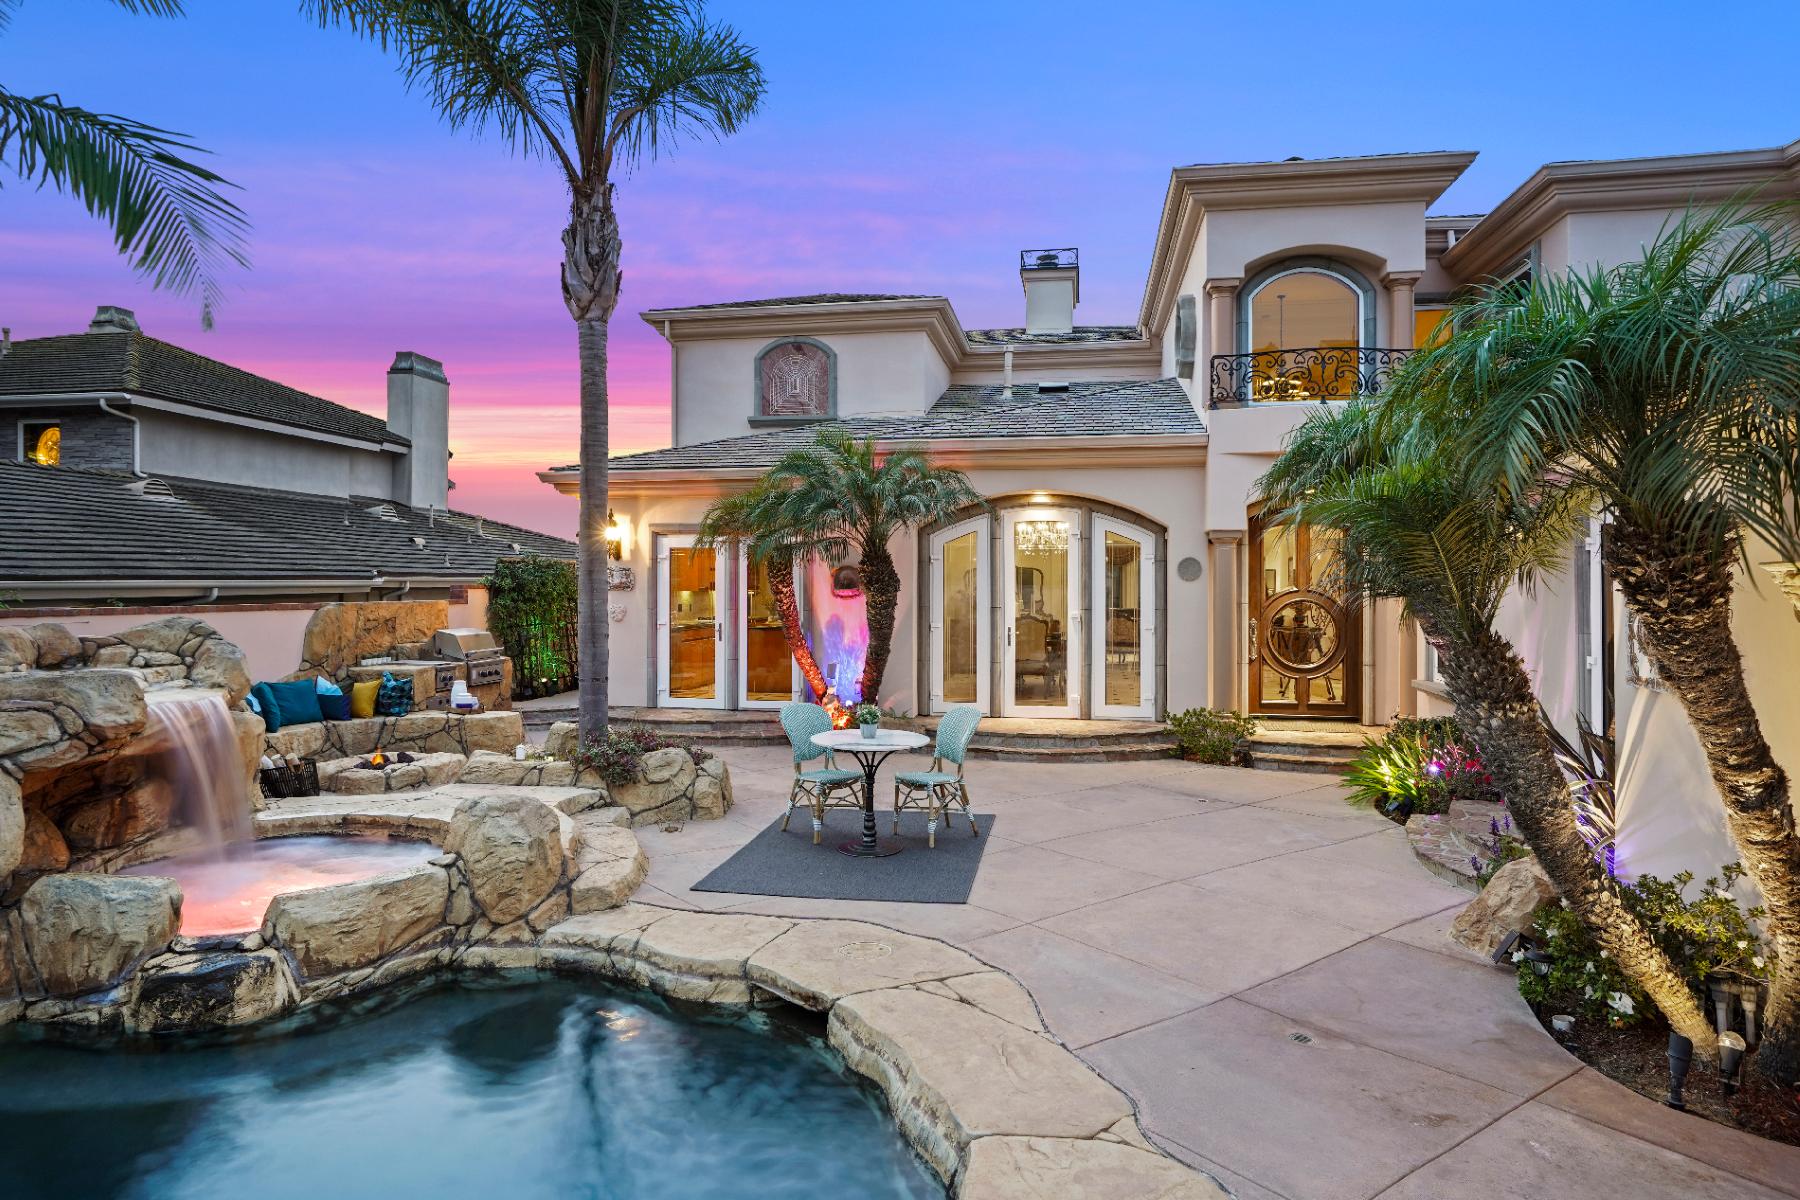 Single Family Homes for Active at 55 Montecito Drive 55 Montecito Dr Corona Del Mar, California 92625 United States